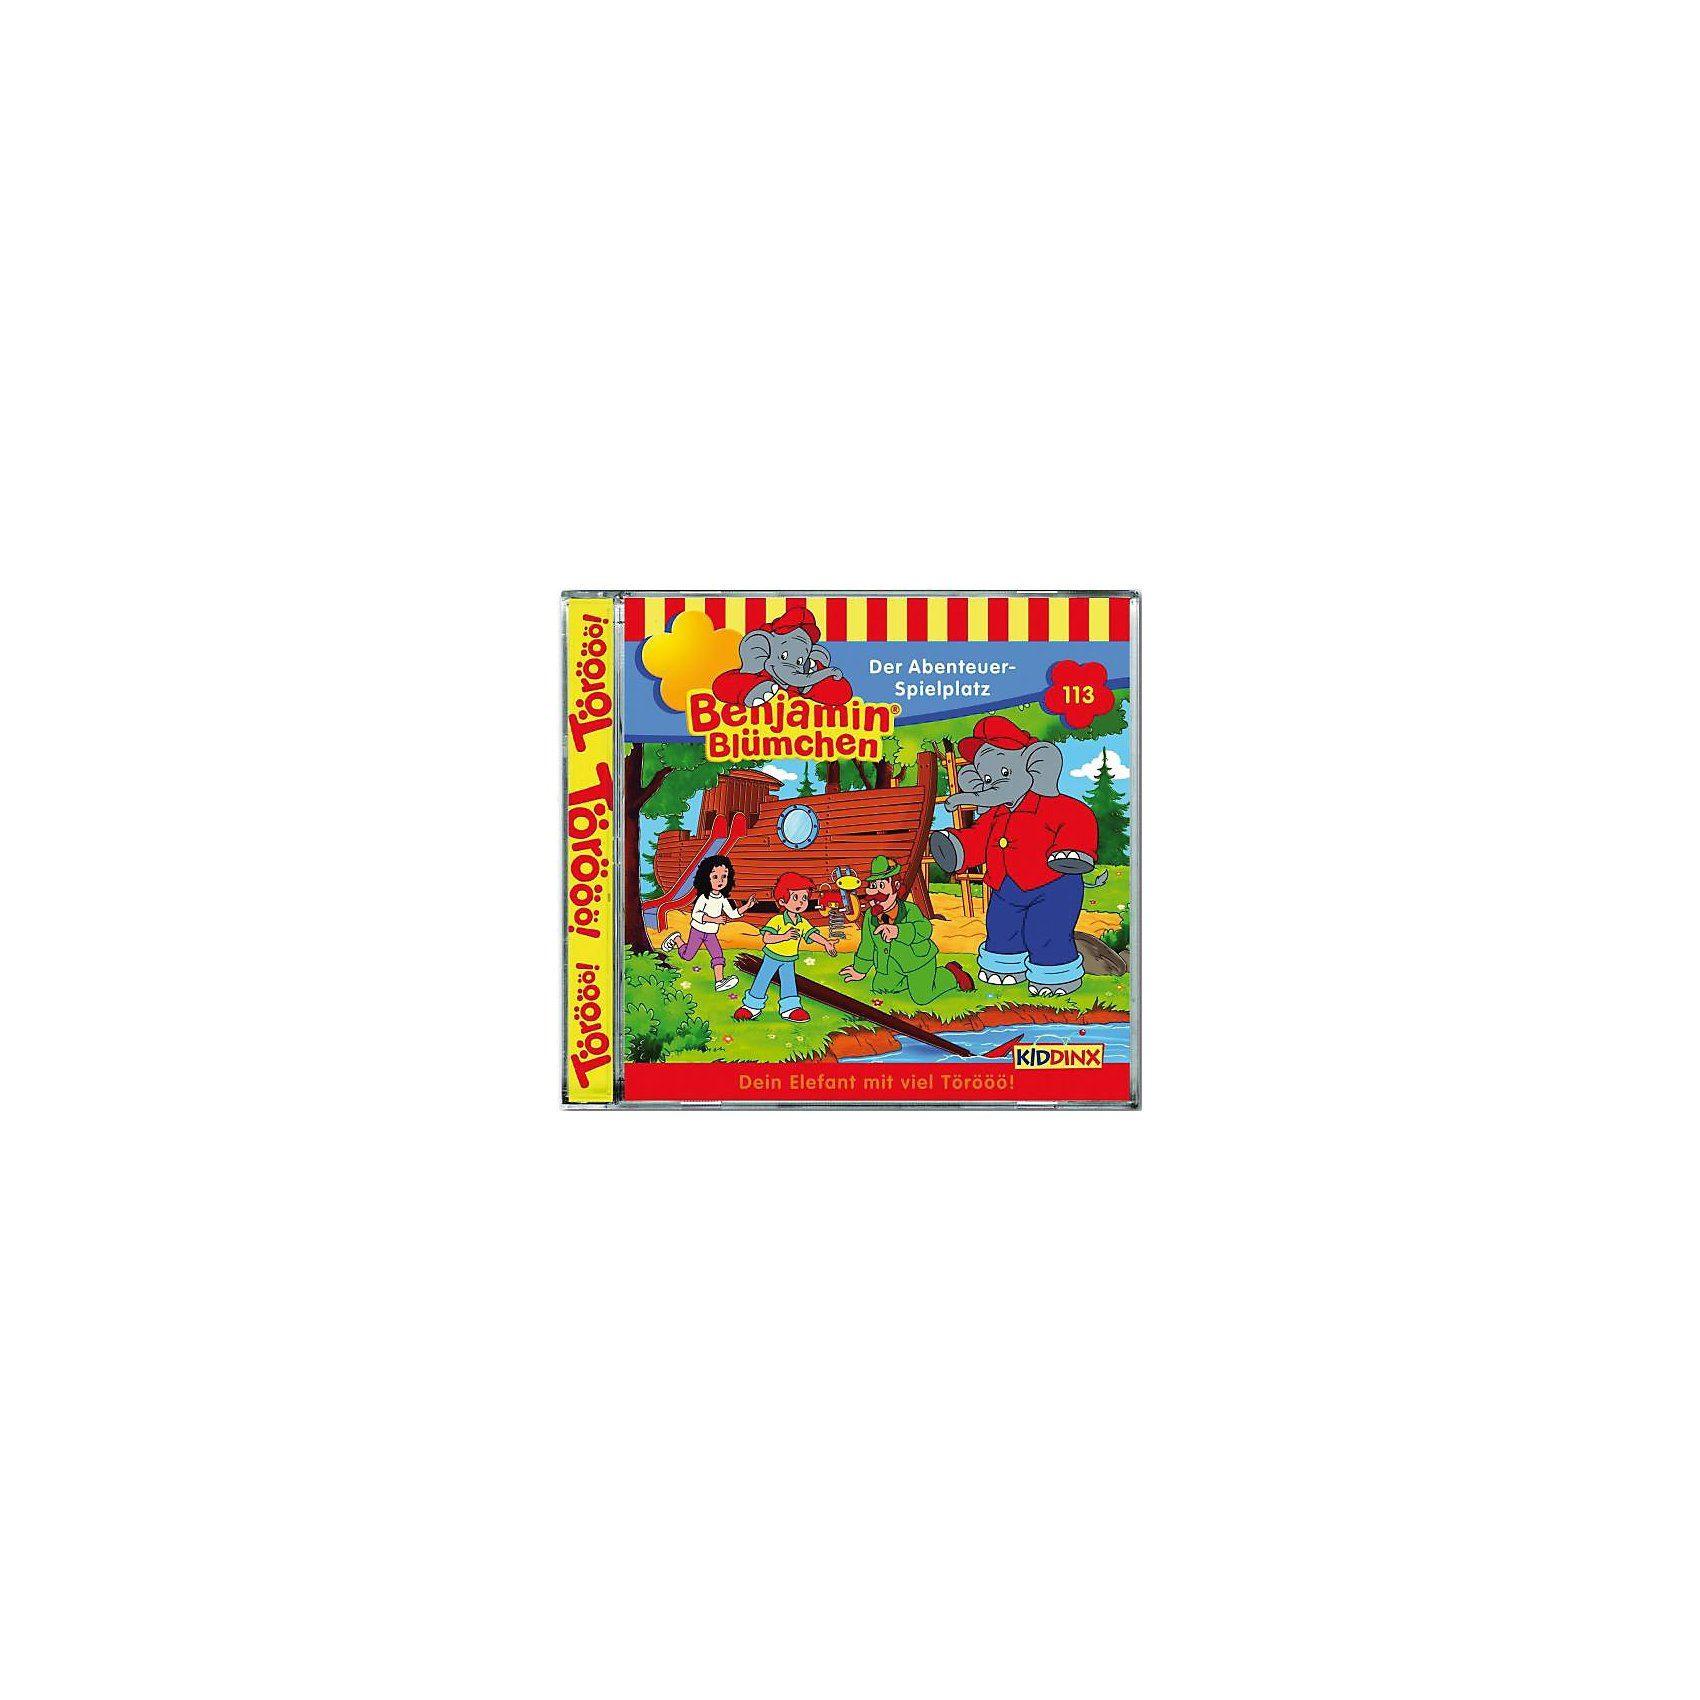 Kiddinx CD Benjamin Blümchen 113 - Der Abenteuer - Spielplatz